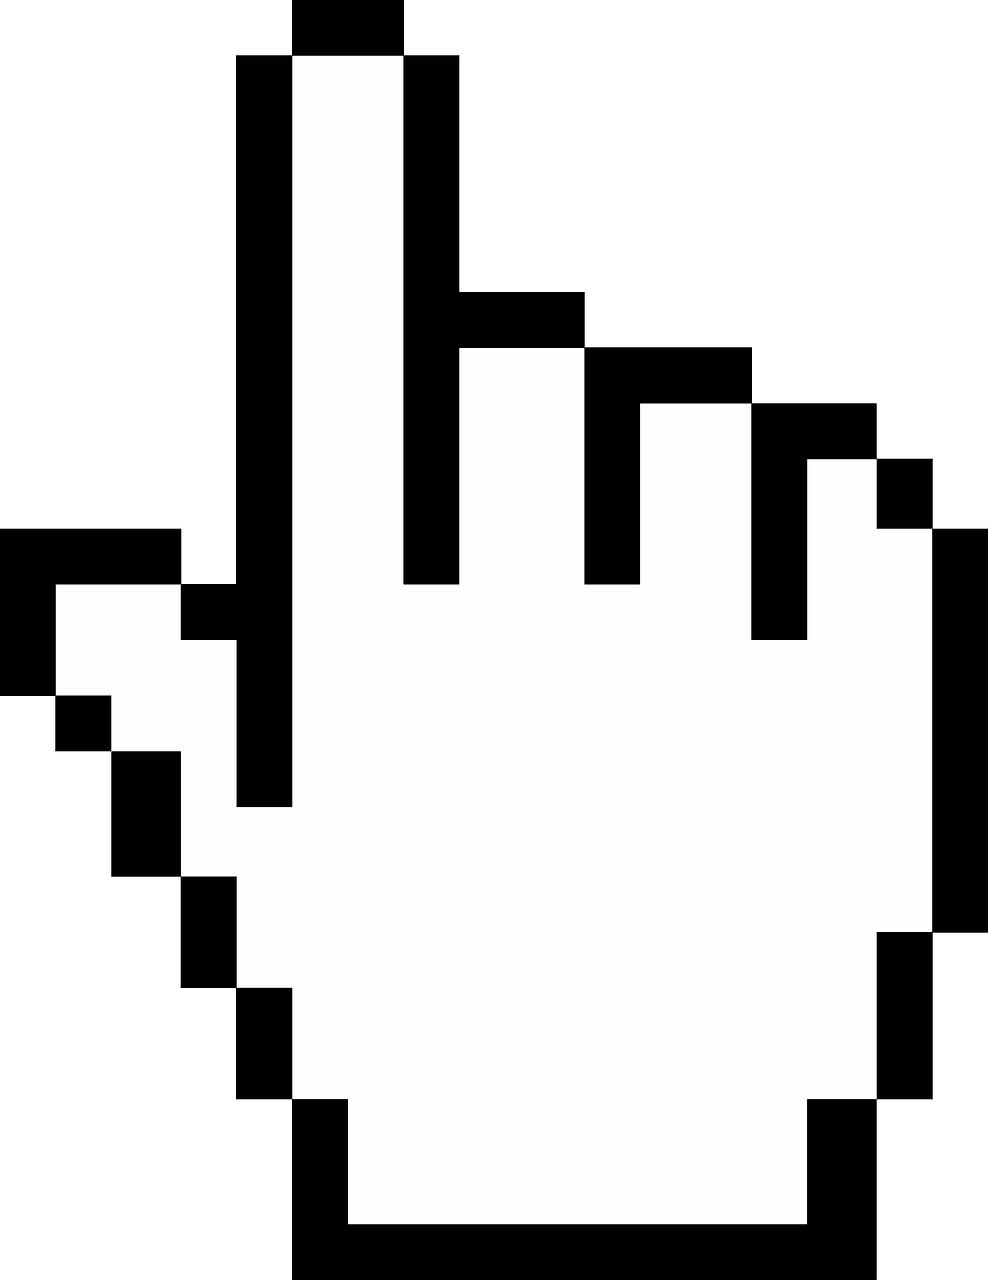 cursor-154478_1280.png